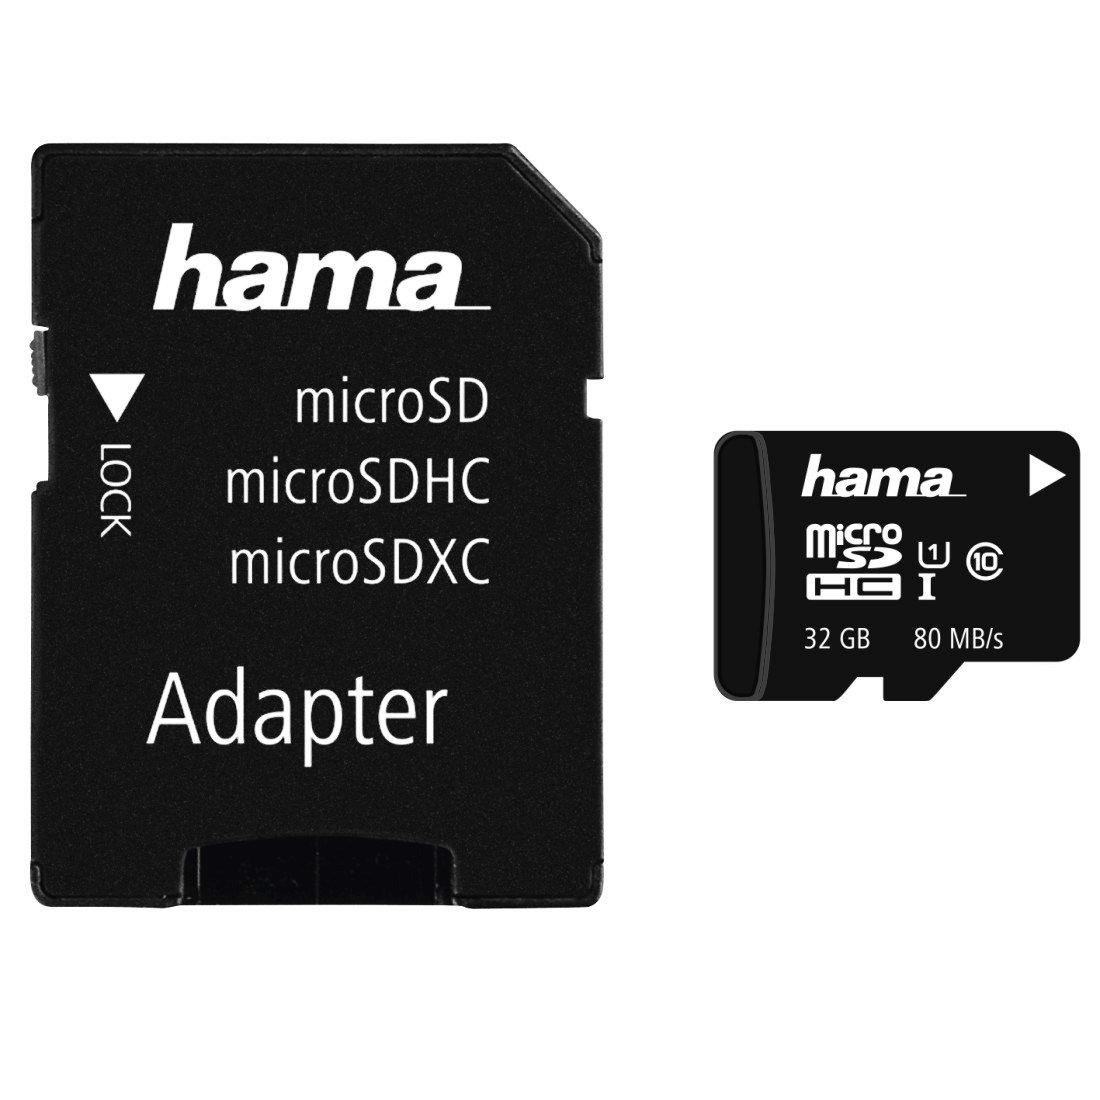 Hama microSDHC 32GB Class 10 UHS-I 80MB/s + adapter/foto » « in de webshop van OTTO kopen